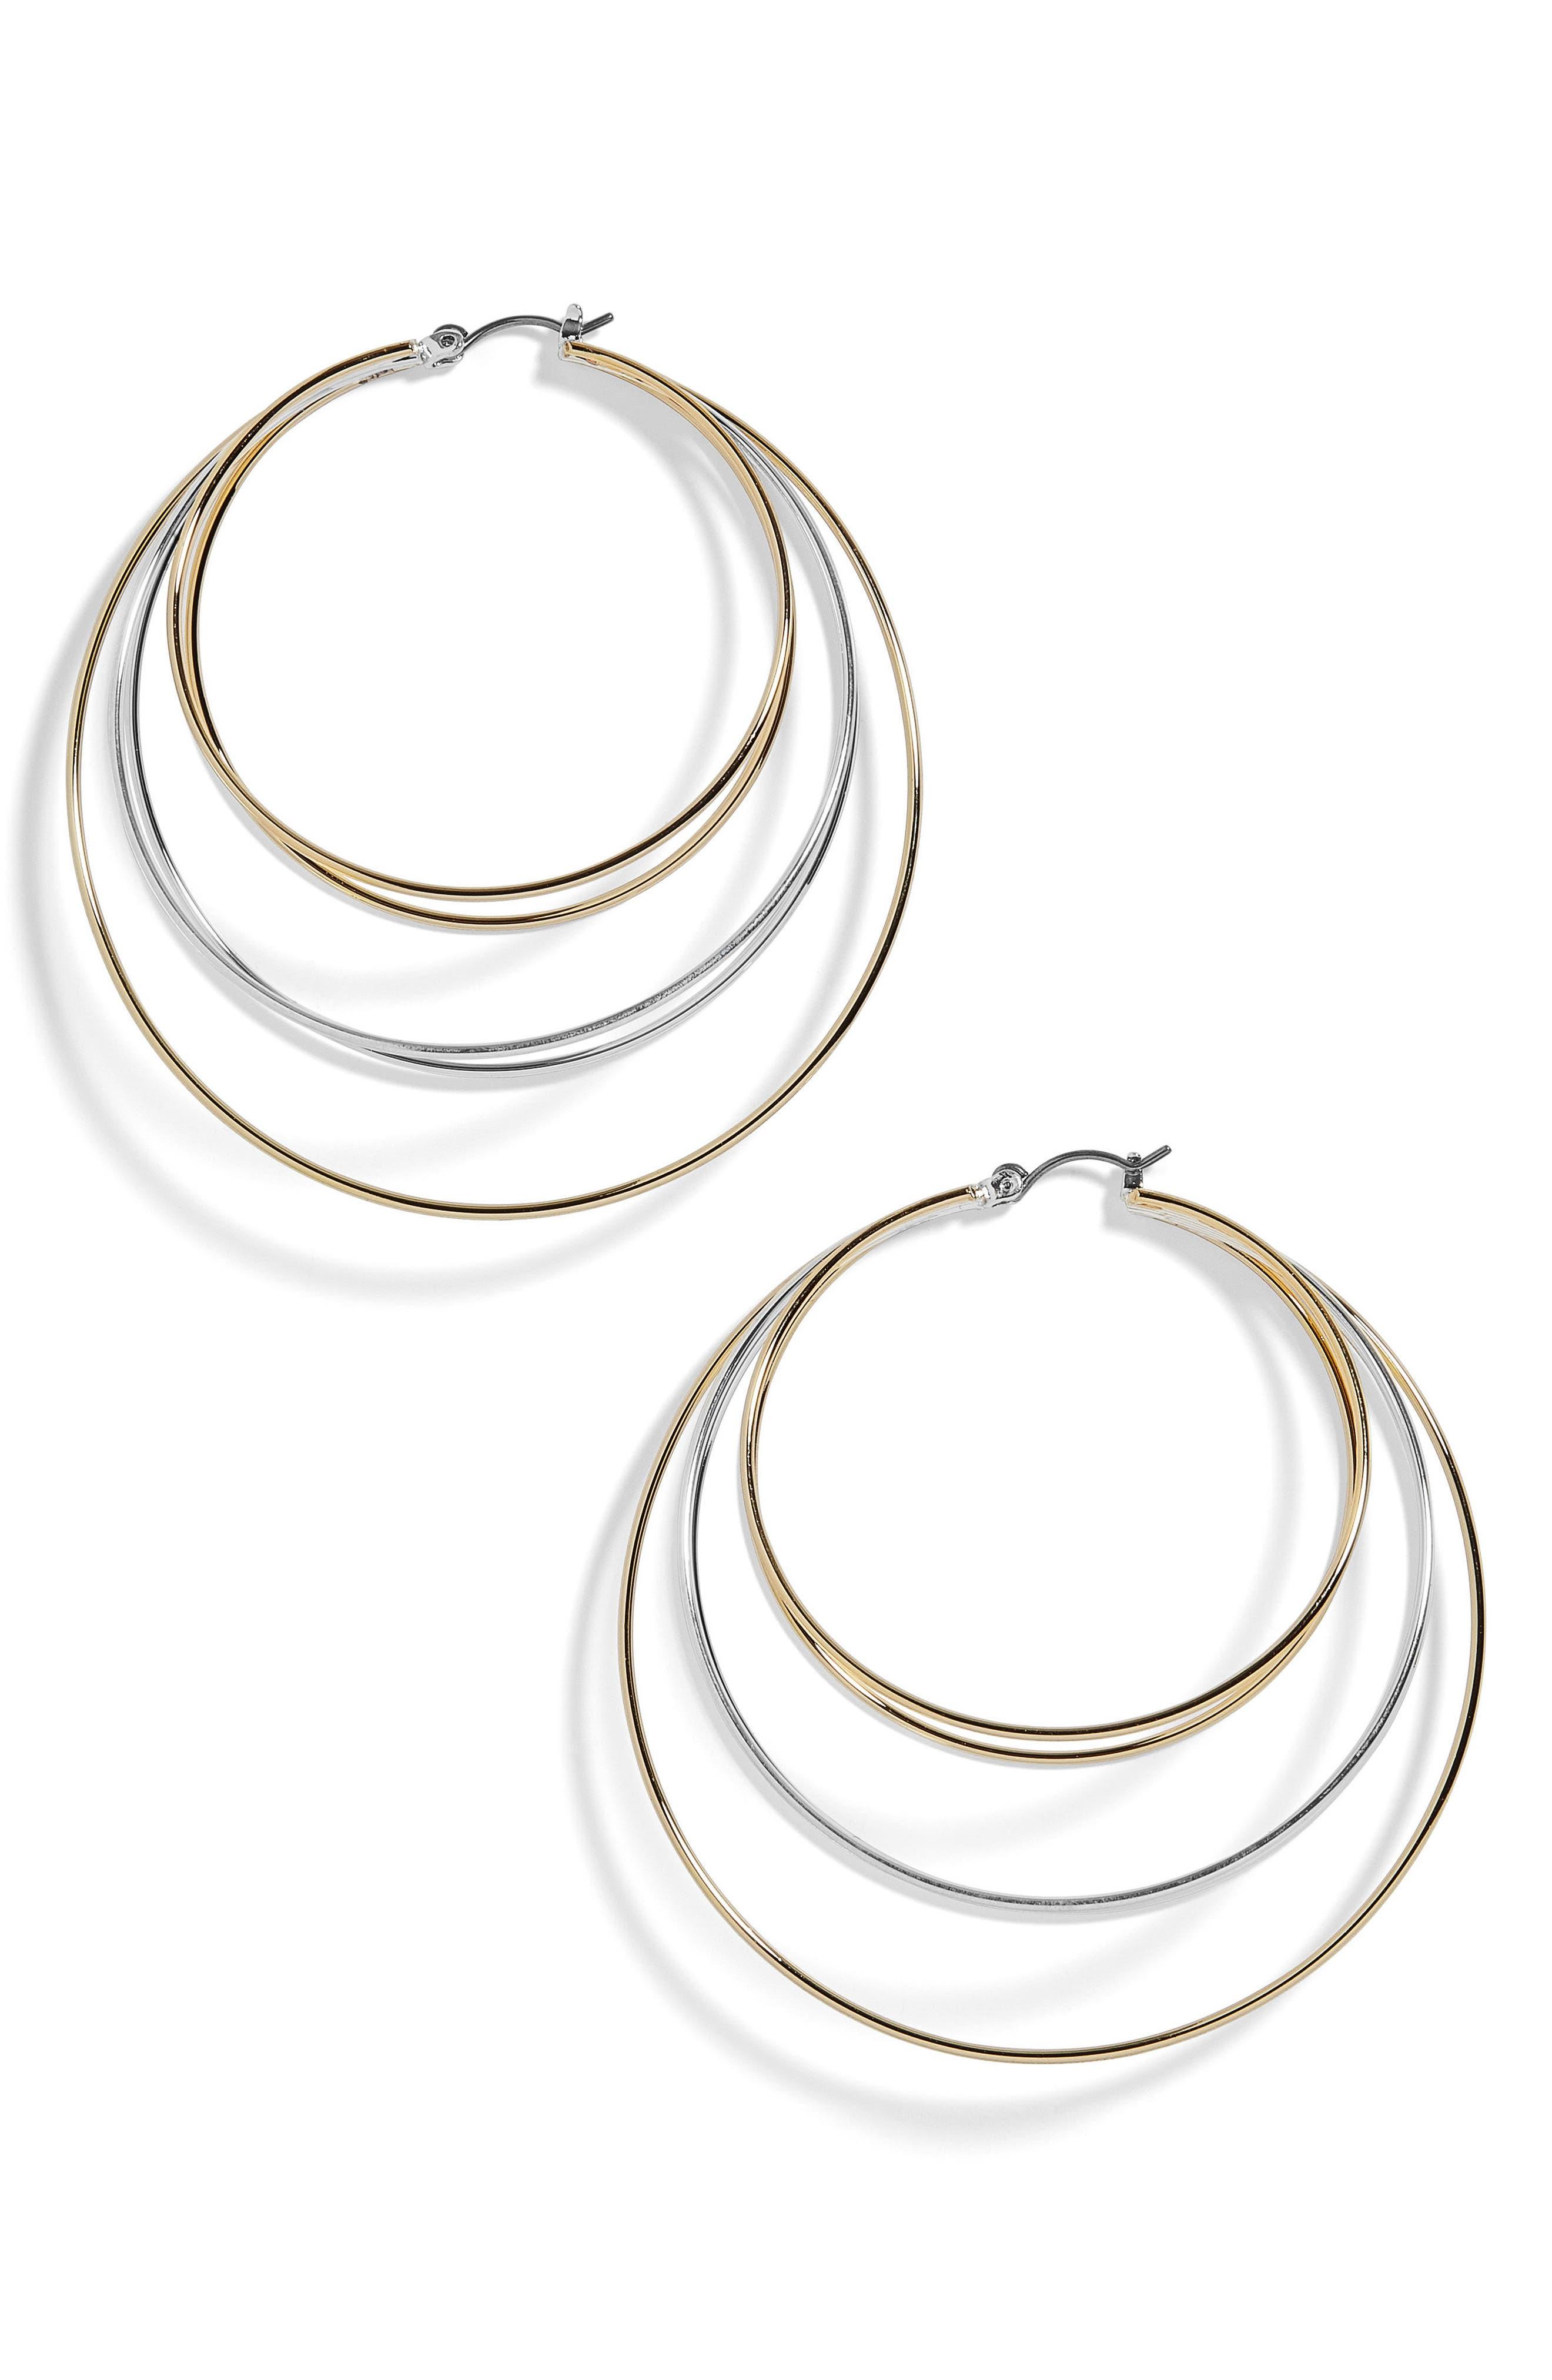 Rielle Mixed Metal Hoop Earrings,                             Main thumbnail 1, color,                             041